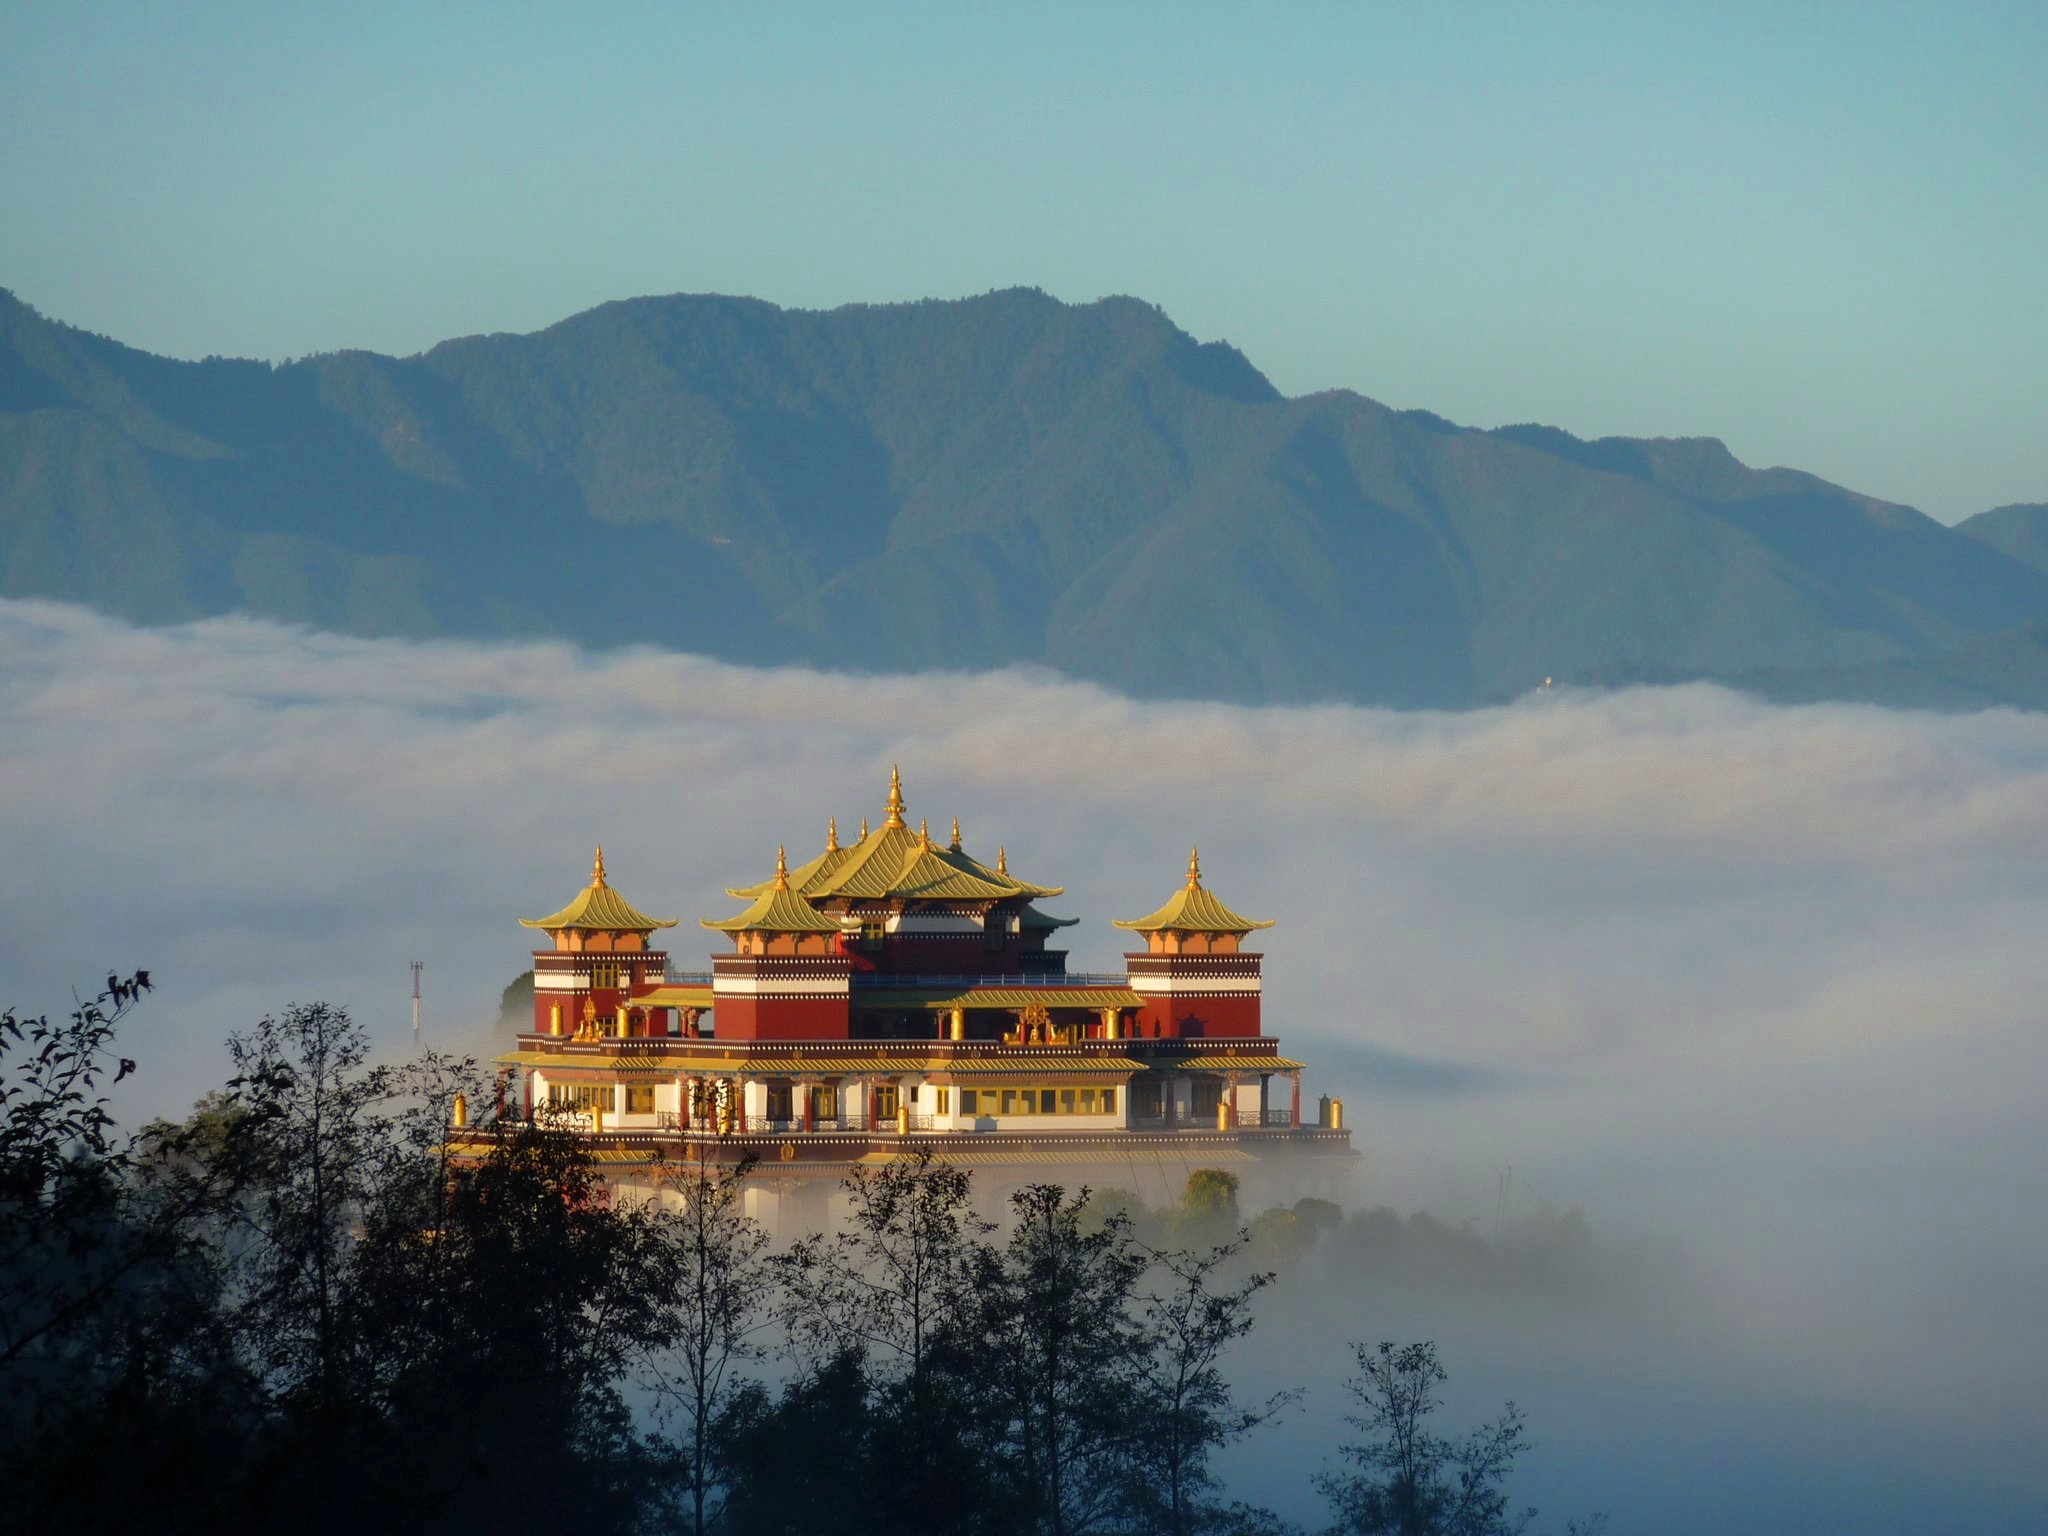 HD Wallpaper Nepal   httpwallpapermonkeycom 2048x1536